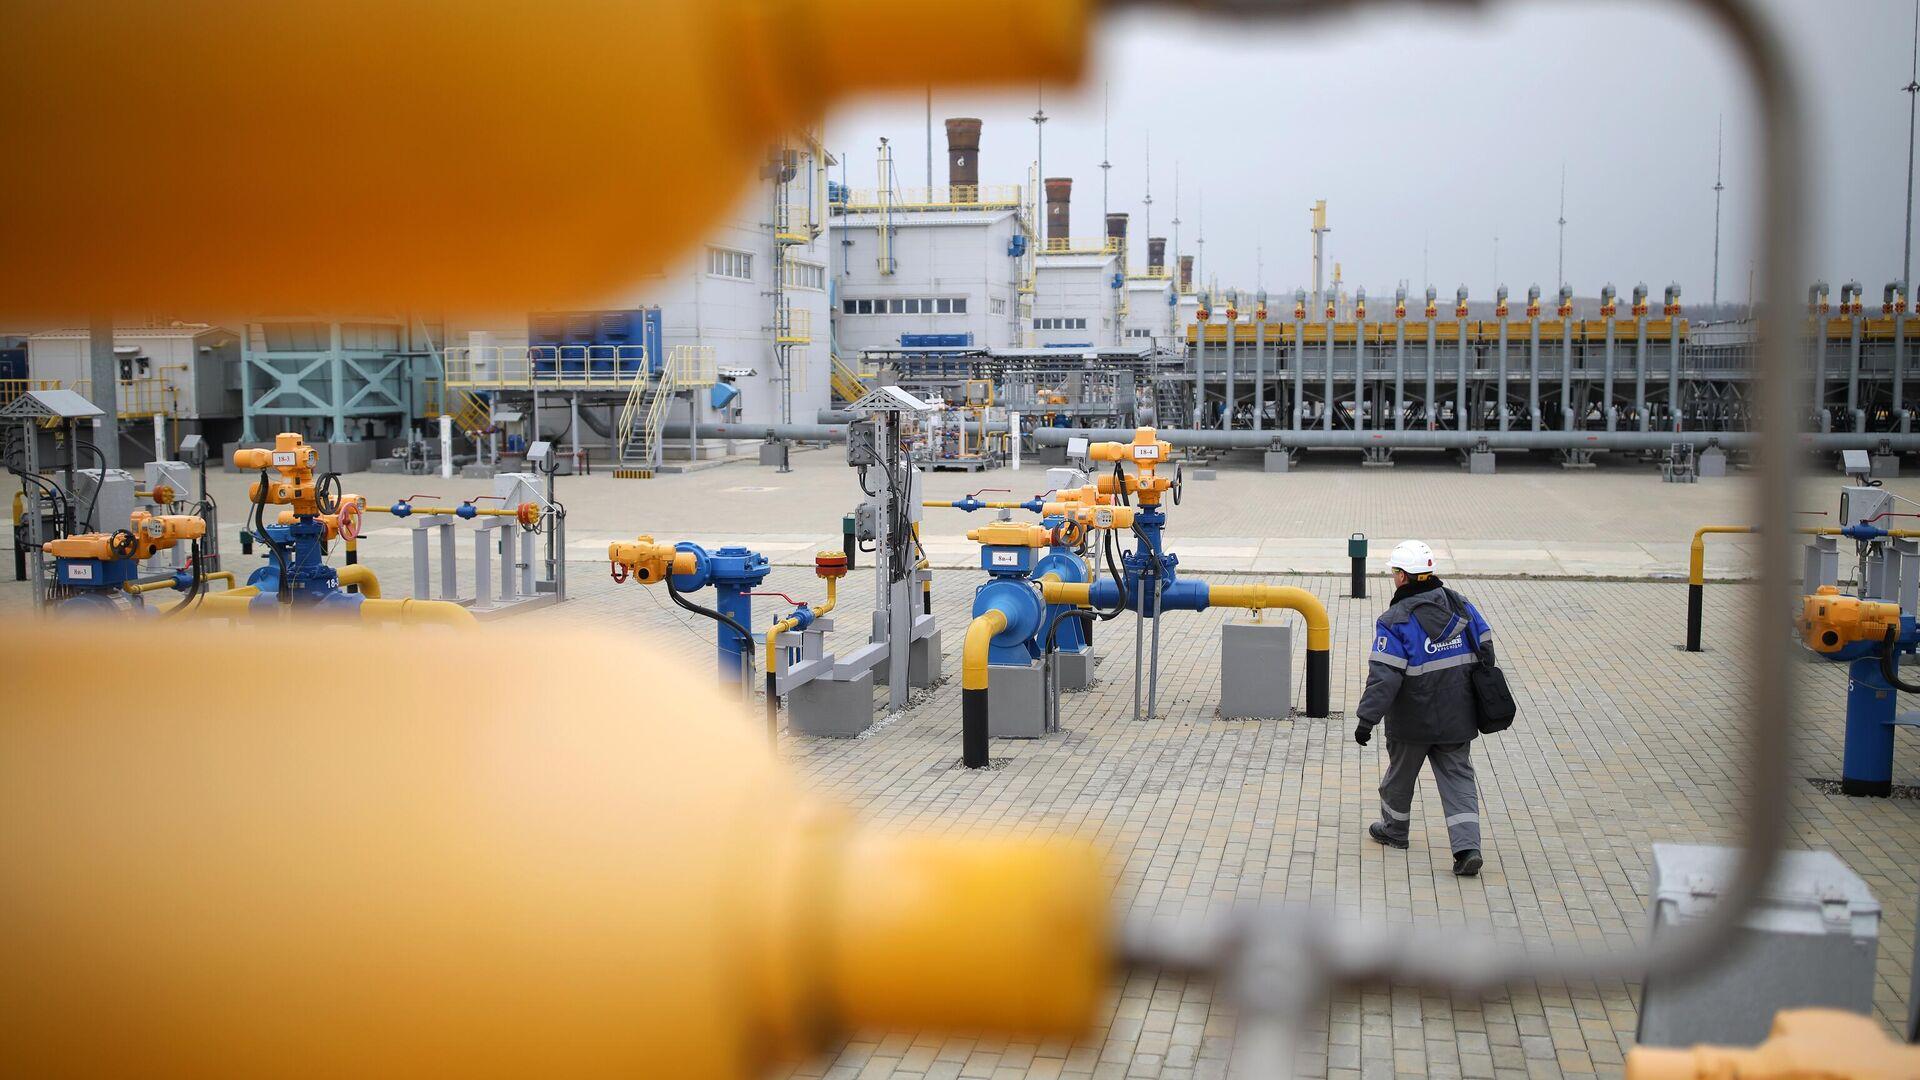 В Кремле назвали требования большей прокачки газа через Украину пропагандой